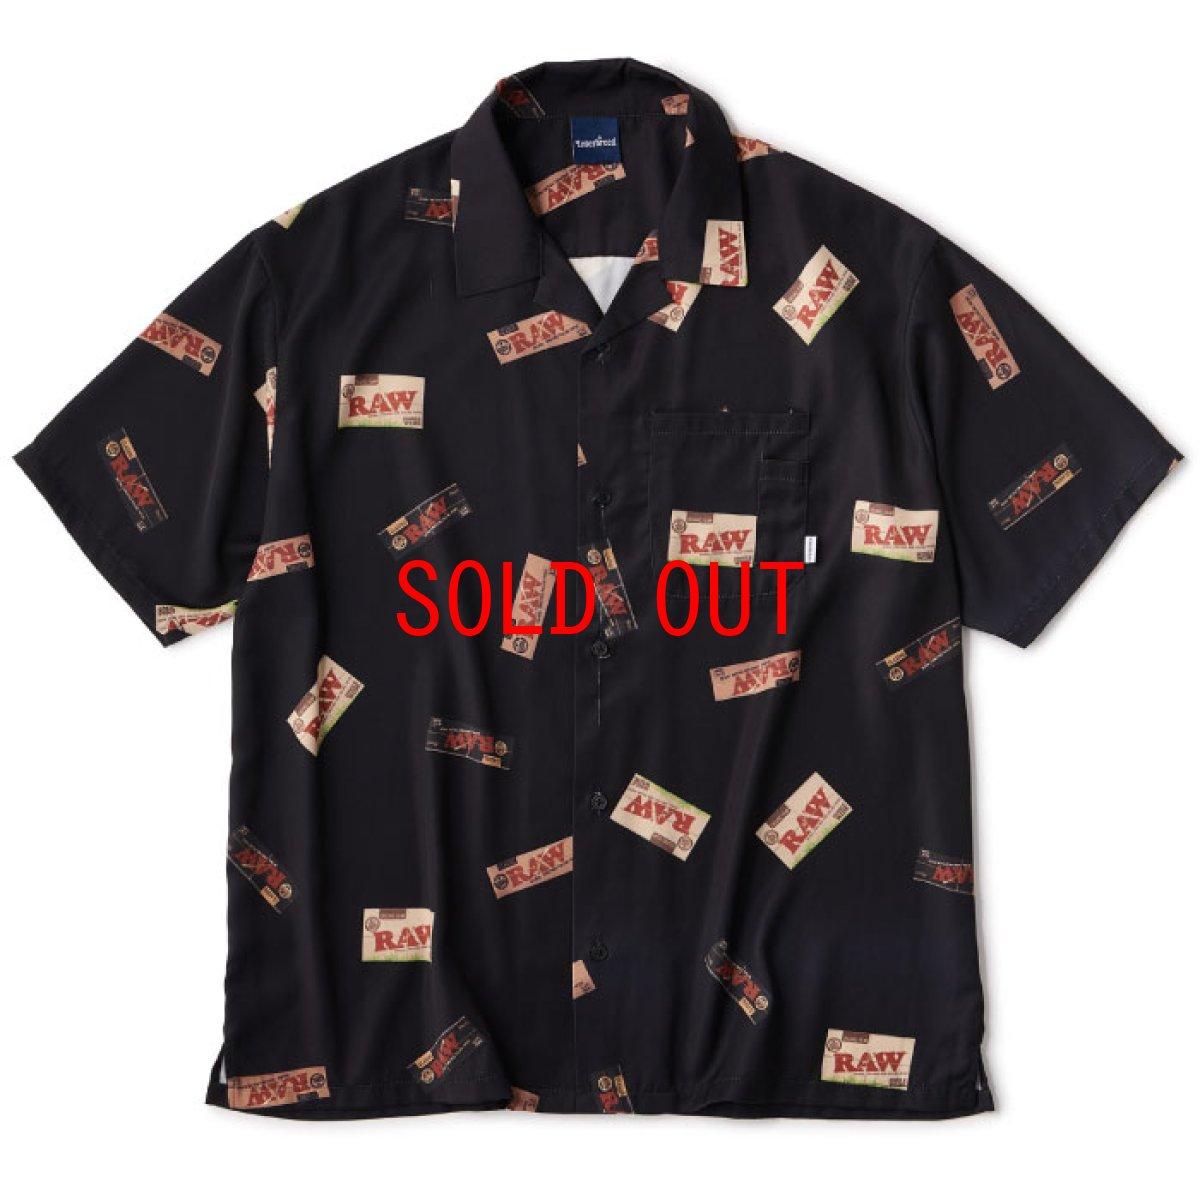 画像1: Interbreed(インターブリード) × RAW S/S Package Textile Shirts Black 半袖 柄シャツ 予約商品 (1)